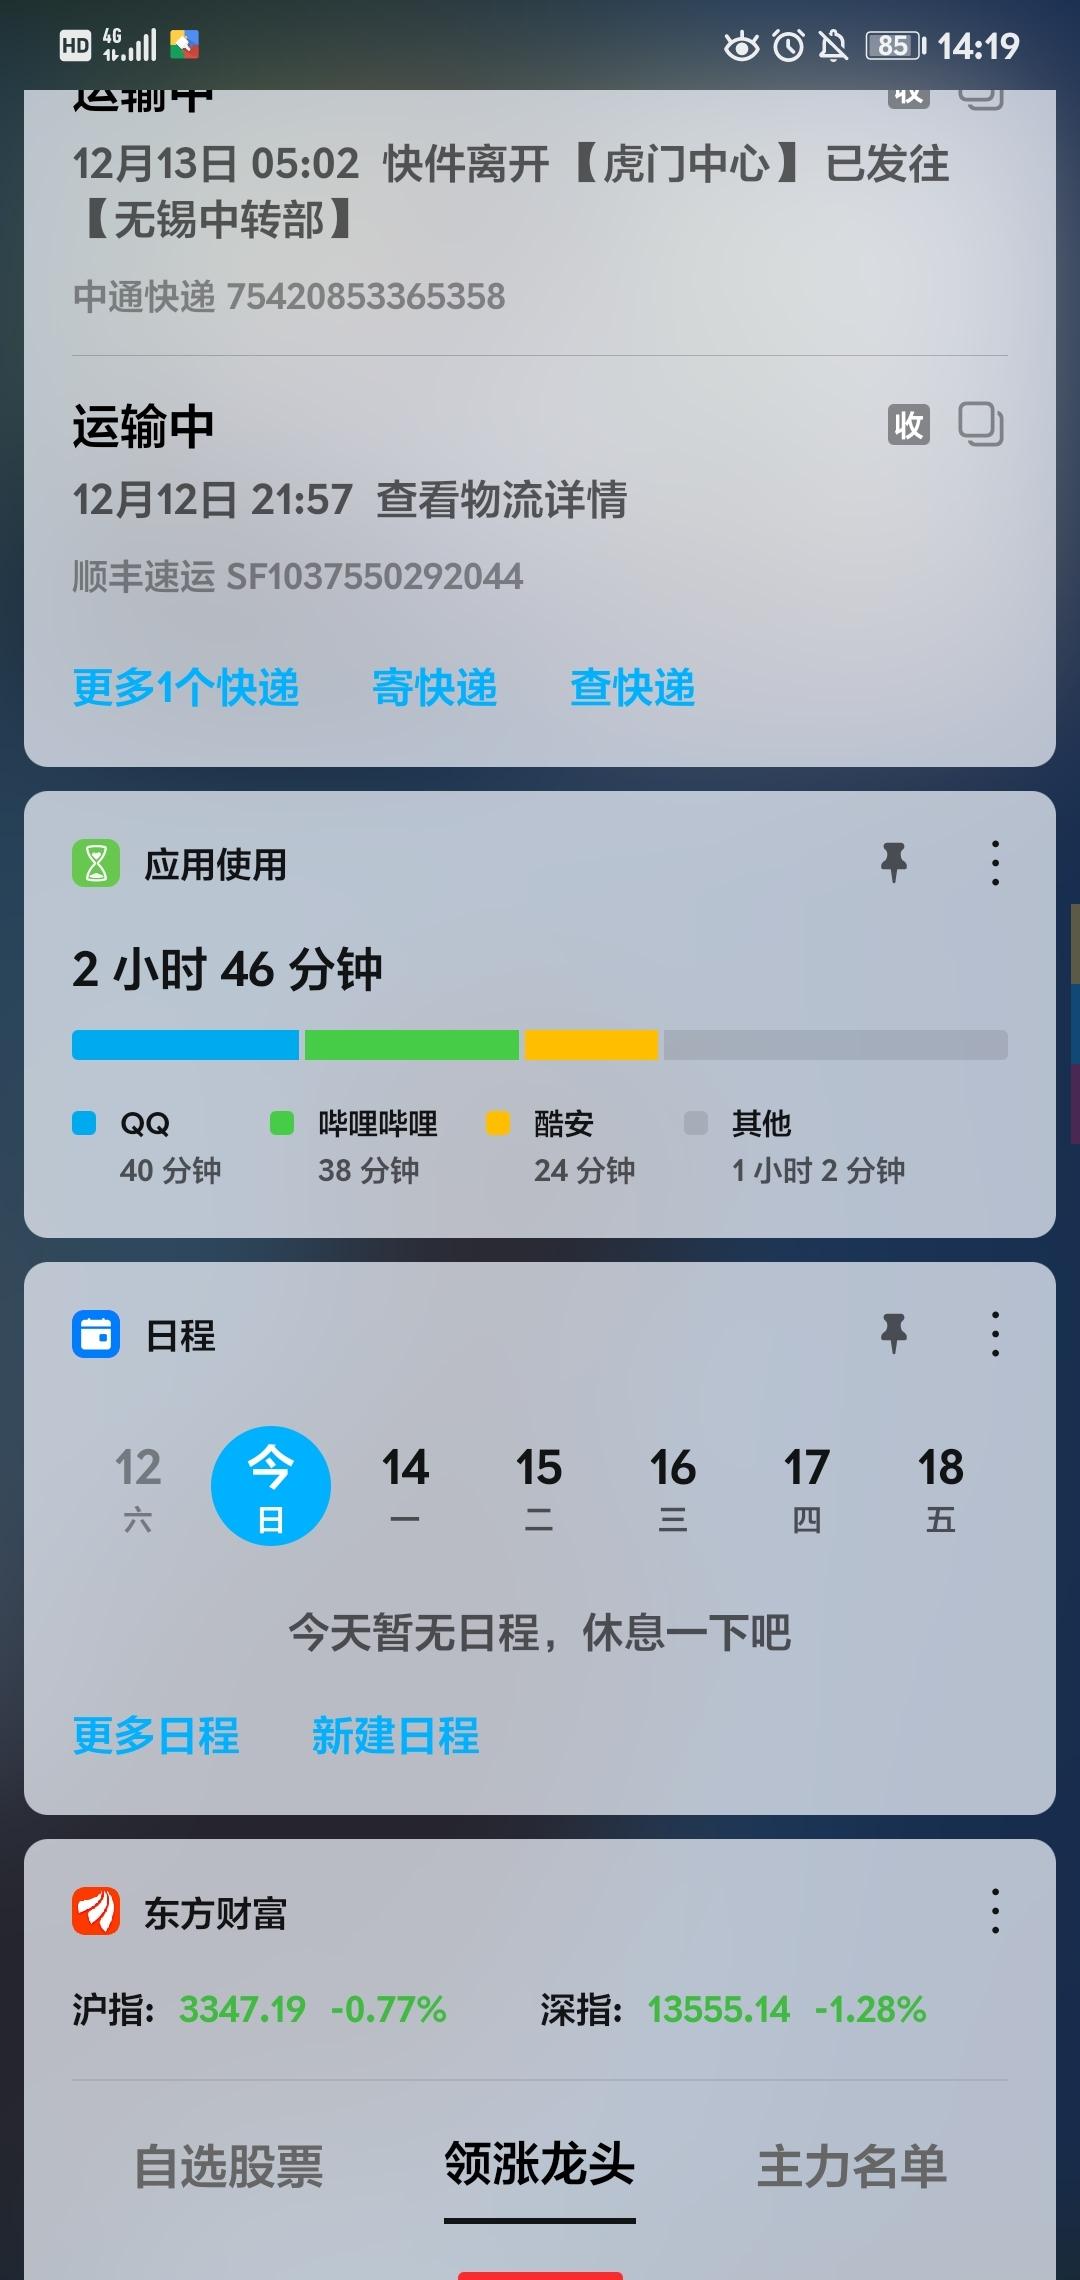 Screenshot_20201213_141902_com.huawei.android.launcher.jpg